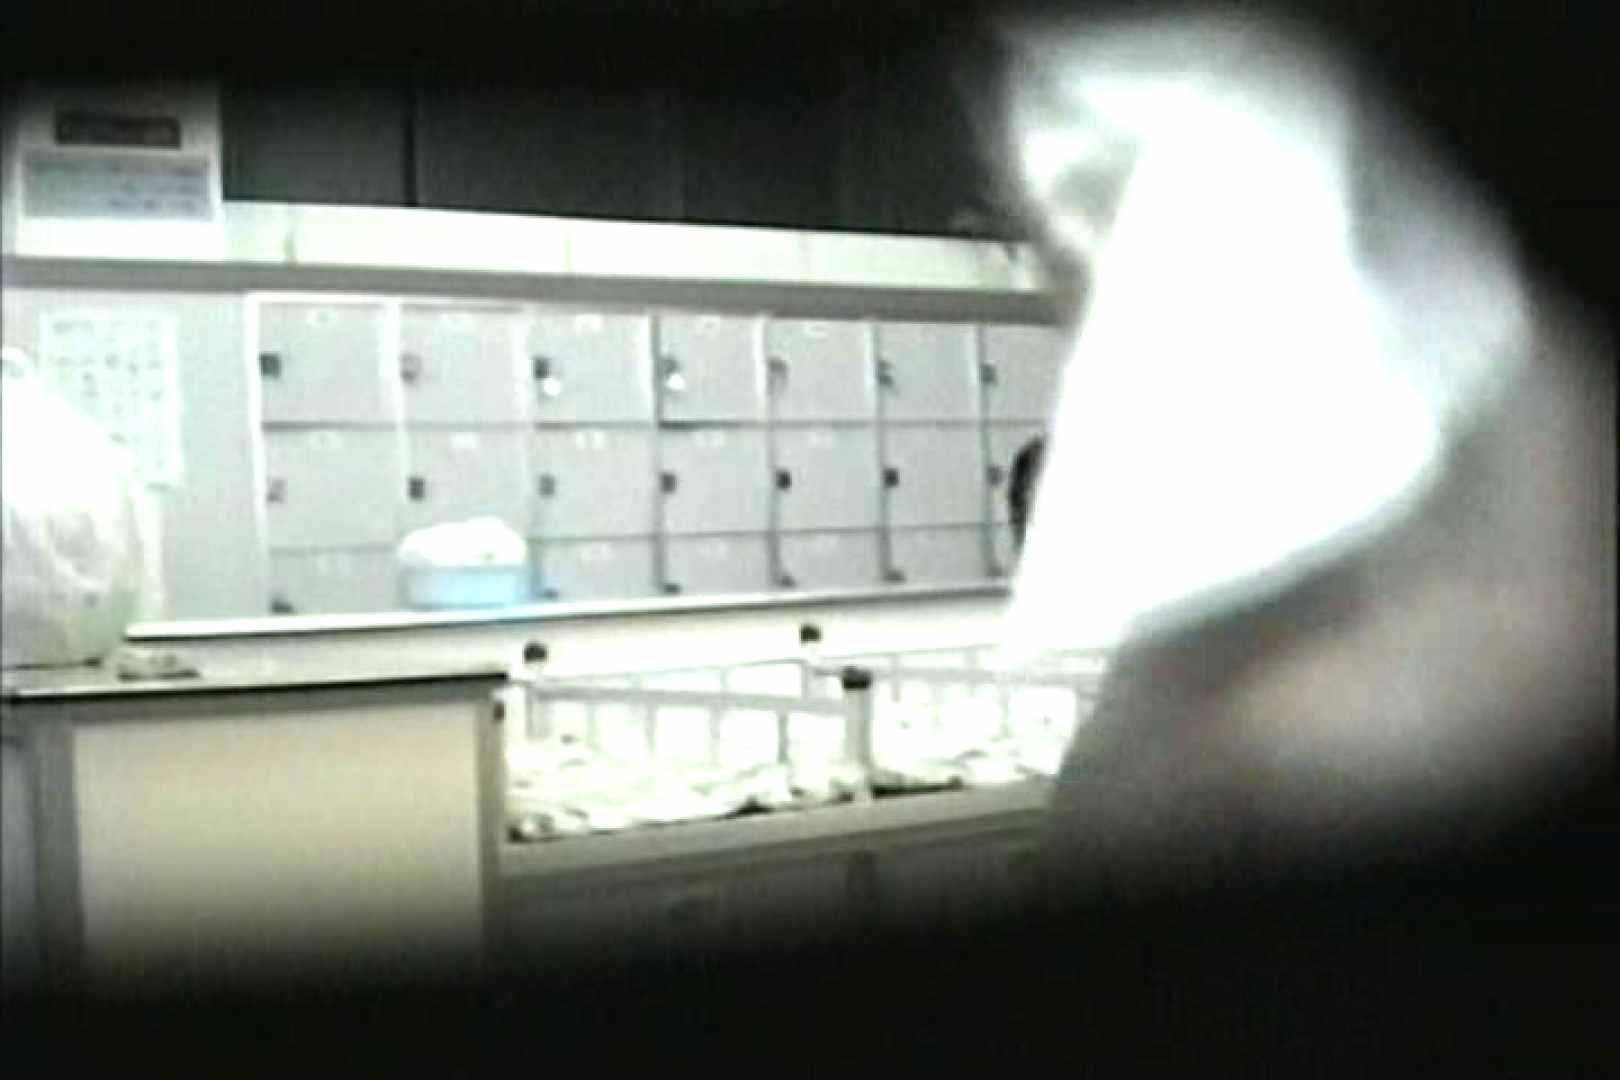 女性だからここまで撮れた 脱衣所盗撮 TK-96 脱衣所 盗み撮りAV無料動画キャプチャ 103画像 15